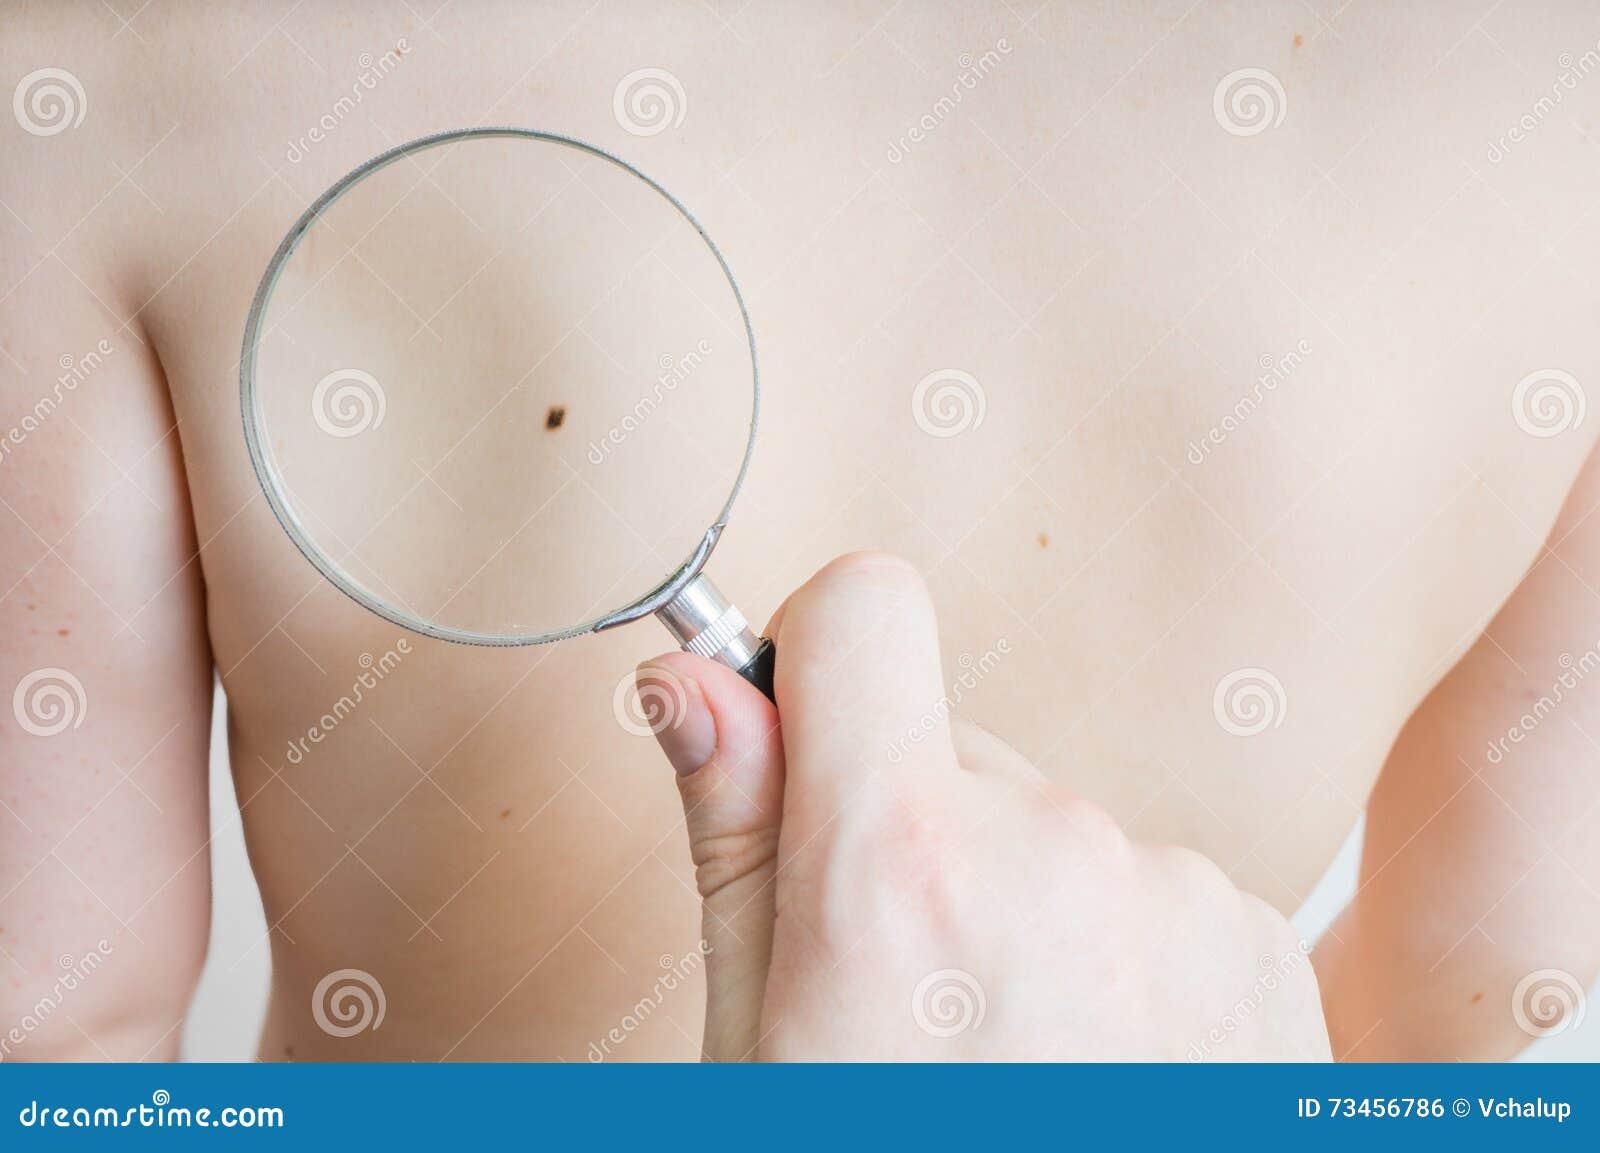 El doctor sostiene la lupa disponible y está examinando la piel paciente para el melanoma